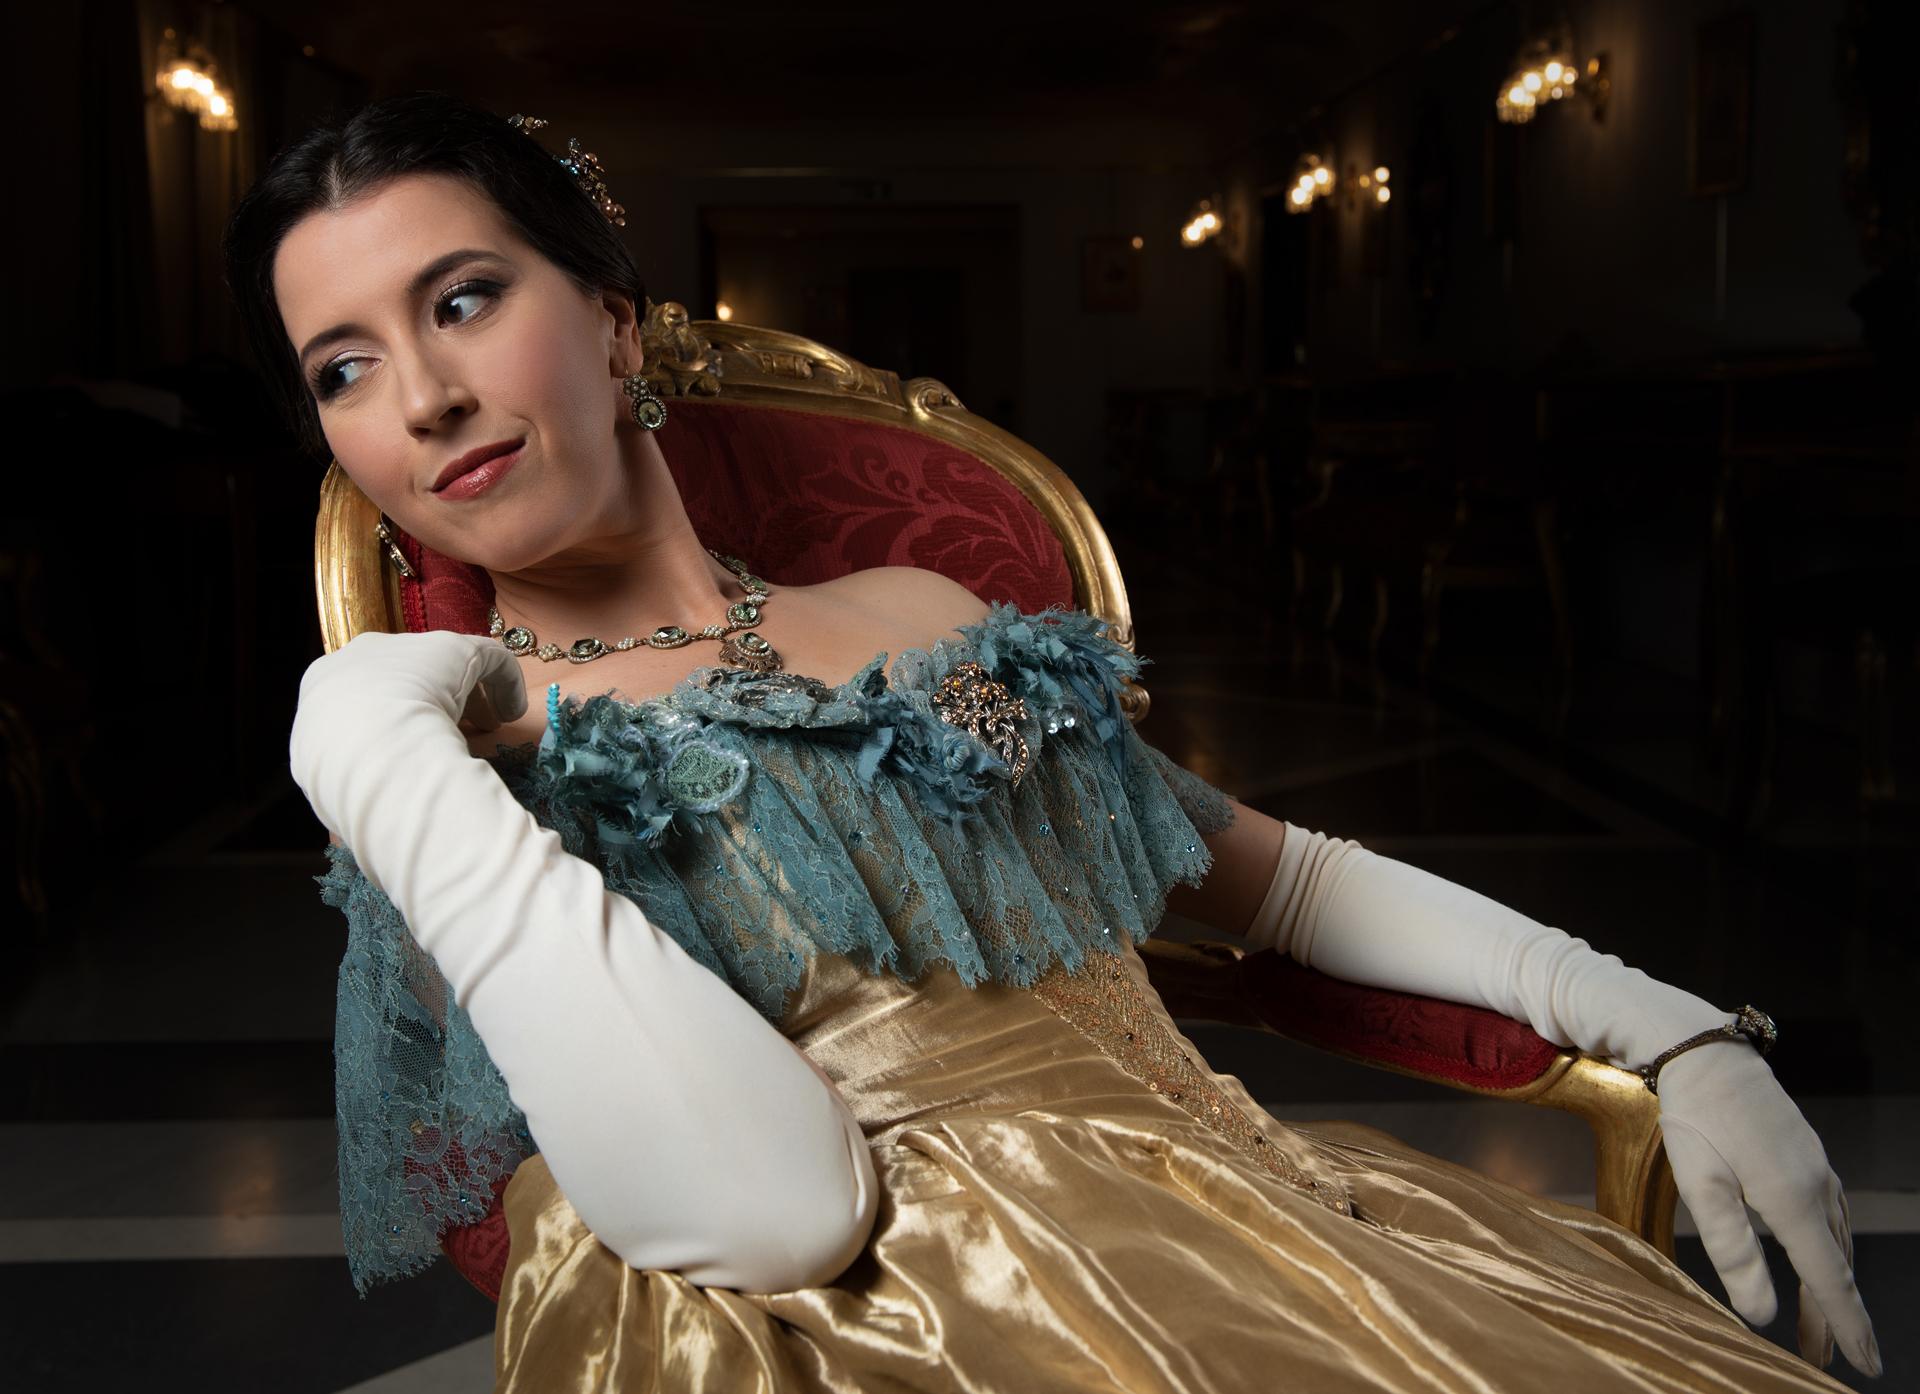 Ritratto-per-La-Traviata-film-opera-Teatro-dellOpera-Roma-Ph.-Fabrizio-Sansoni-2